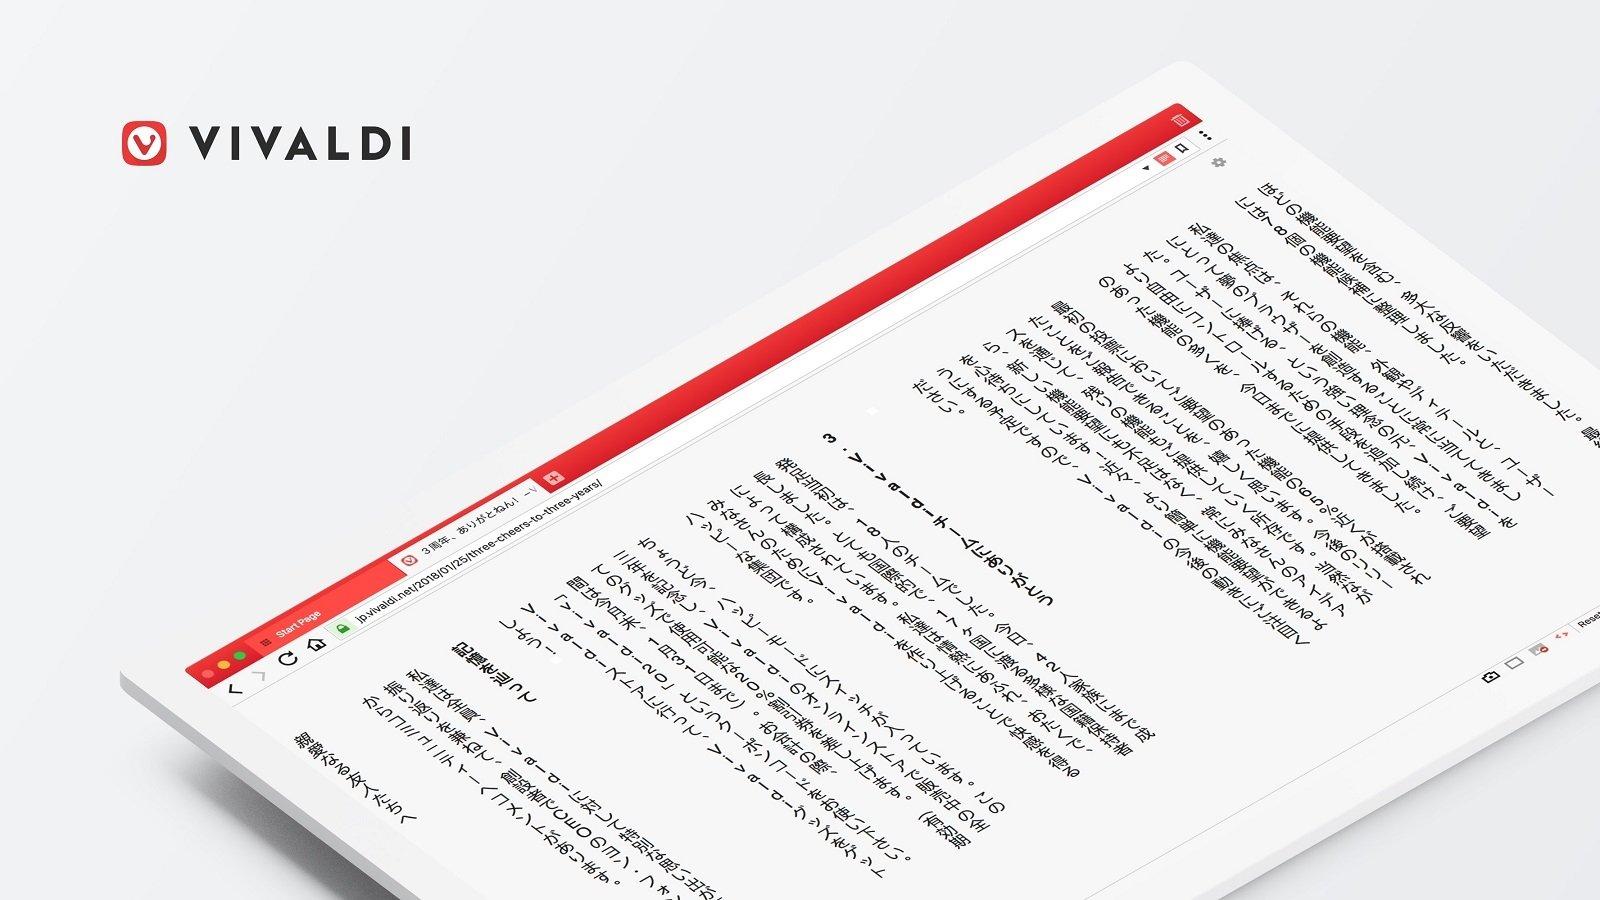 Vivaldi navegador